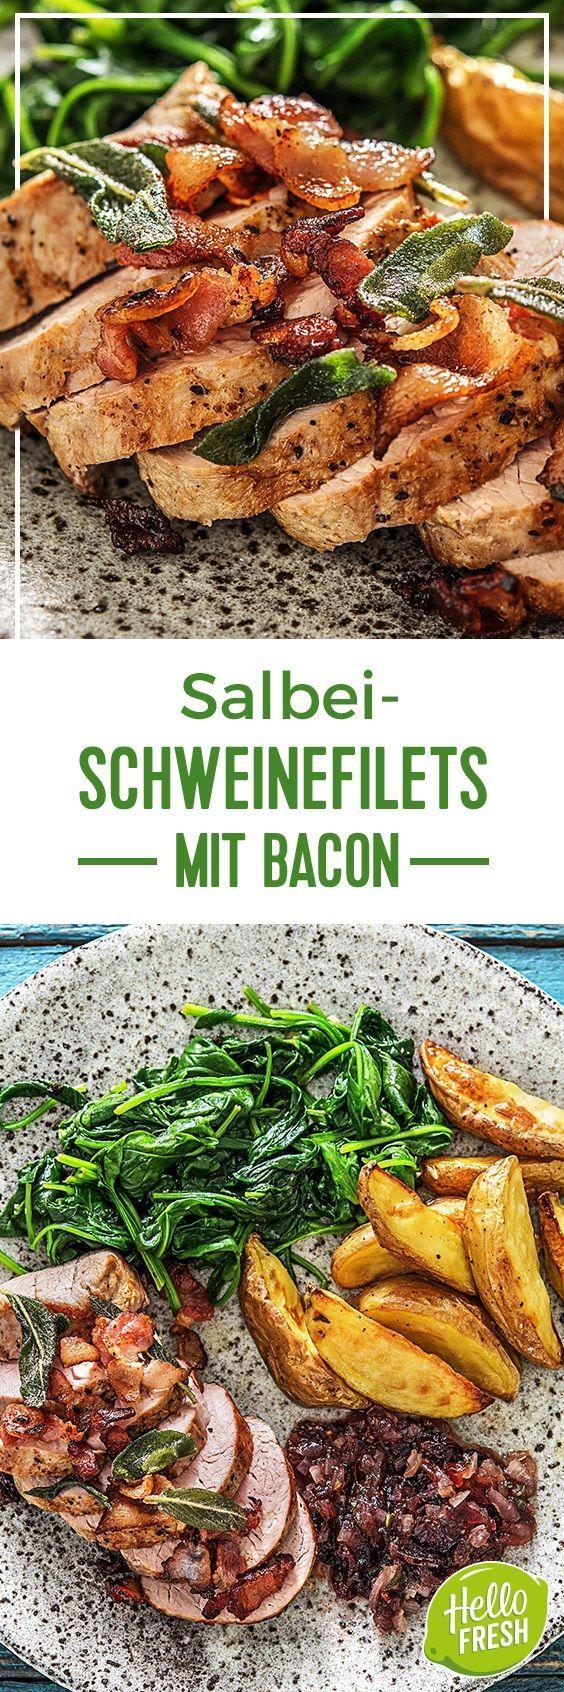 Step by Step Rezept: Bacon-Salbei-Schweinefilets dazu Kartoffelwedges und Cranberrysoße  Rezept / Kochen / Essen / Ernährung / Lecker / Kochbox / Zutaten / Gesund / Schnell / Frühling / Einfach / DIY / Küche / Gericht / Blog / Leicht  / 45 Minuten / Kartoffel / Schwein / Deutsch / Traditionell / 45 Minuten   #hellofreshde #kochen #essen #zubereiten #zutaten #diy #rezept #kochbox #ernährung #lecker #gesund #leicht #schnell #frühling #einfach #küche #gericht #trend #blog #schweinefilet #bacon